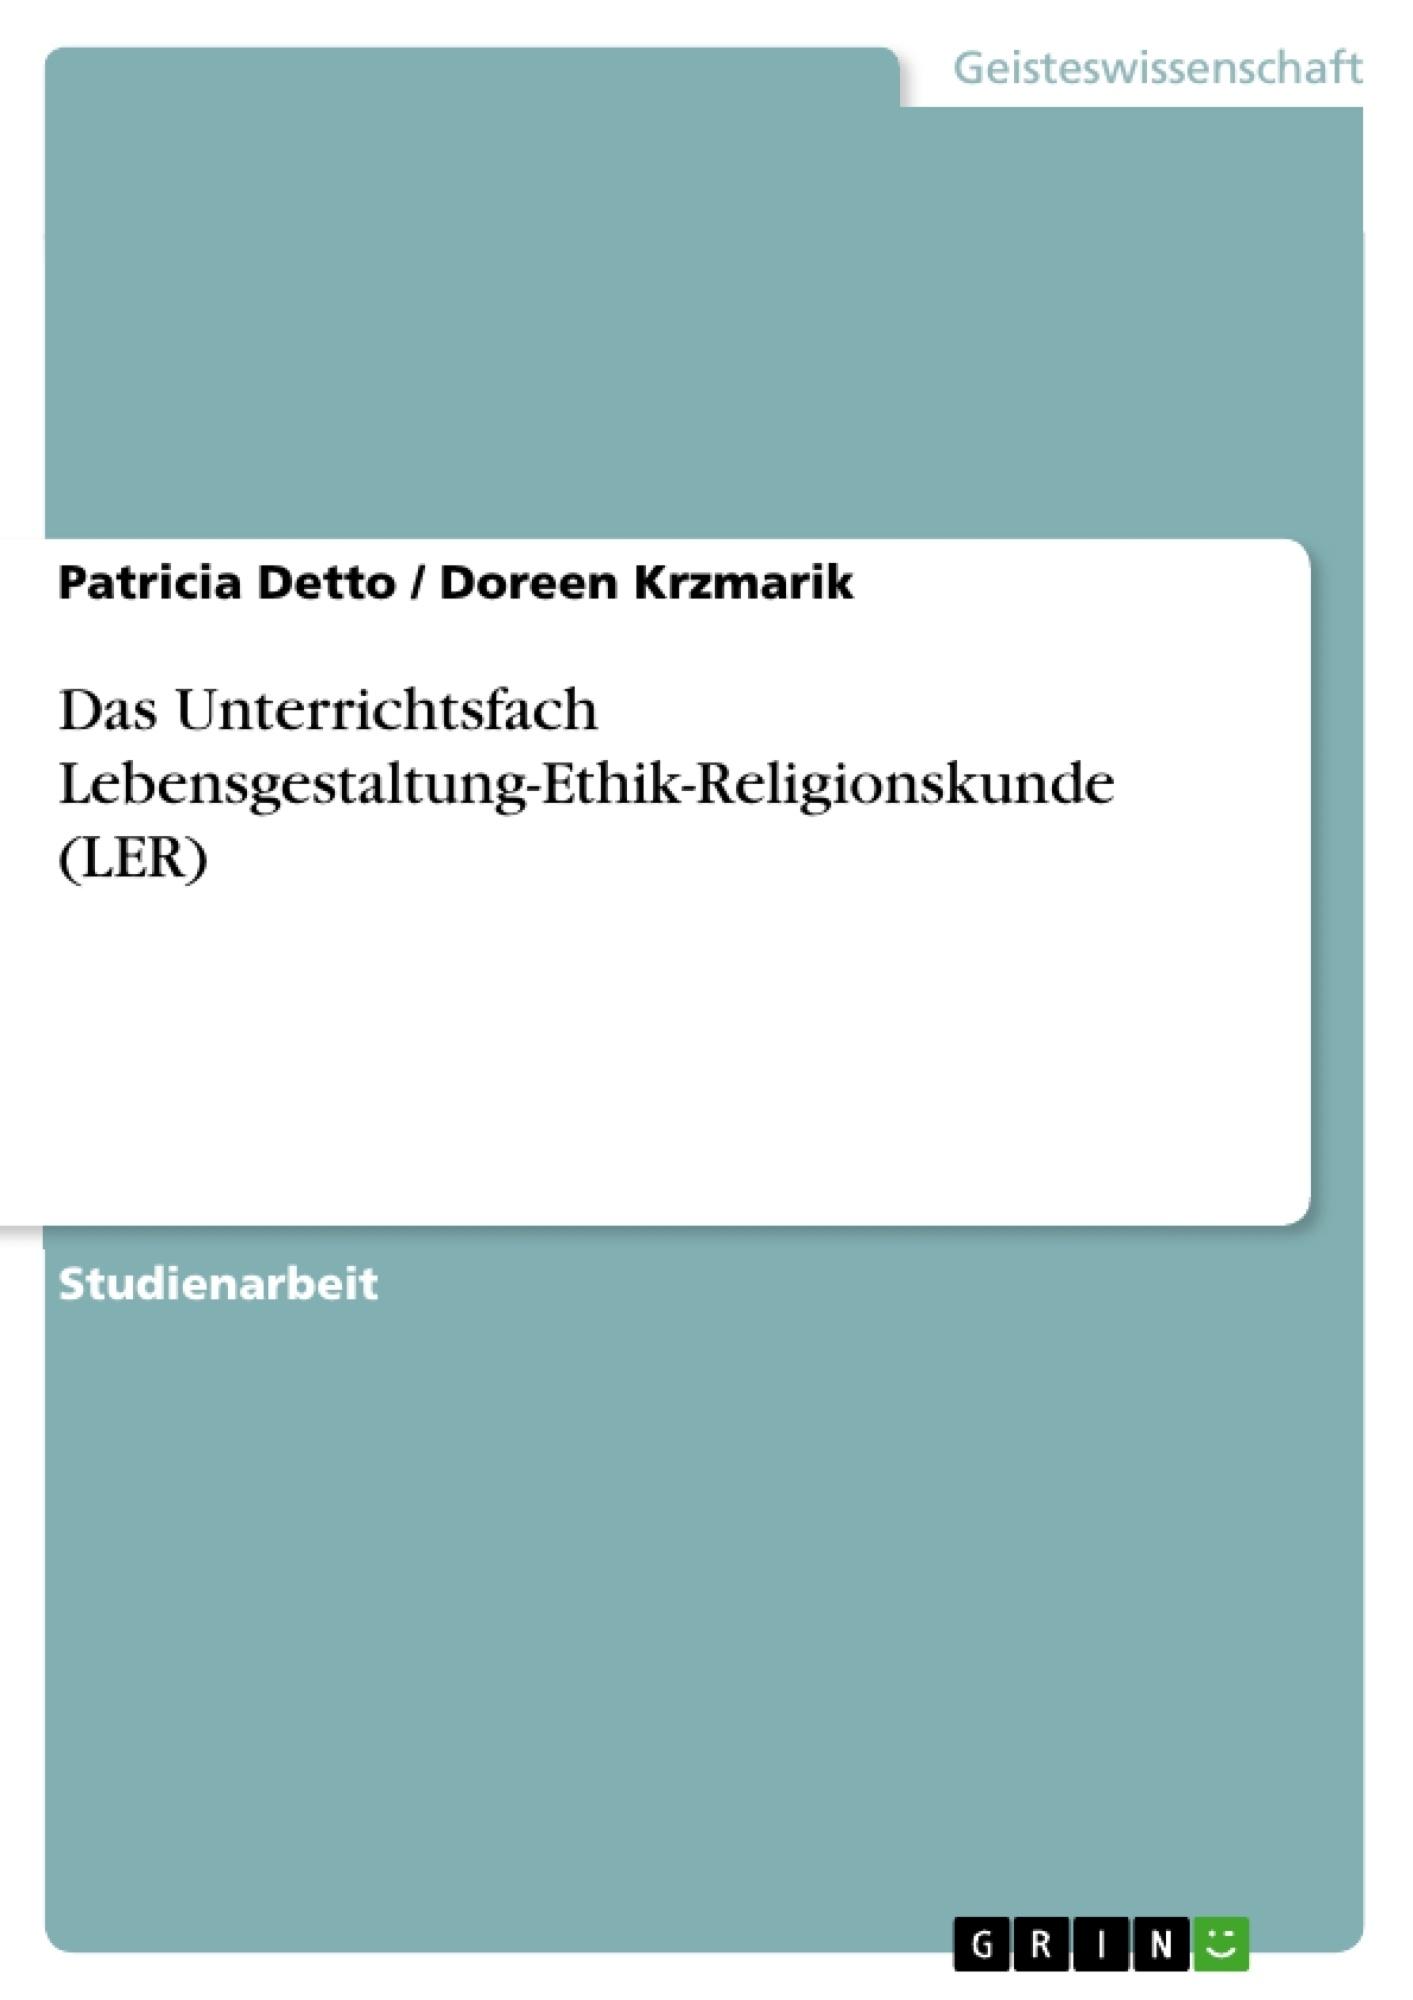 Titel: Das Unterrichtsfach Lebensgestaltung-Ethik-Religionskunde (LER)